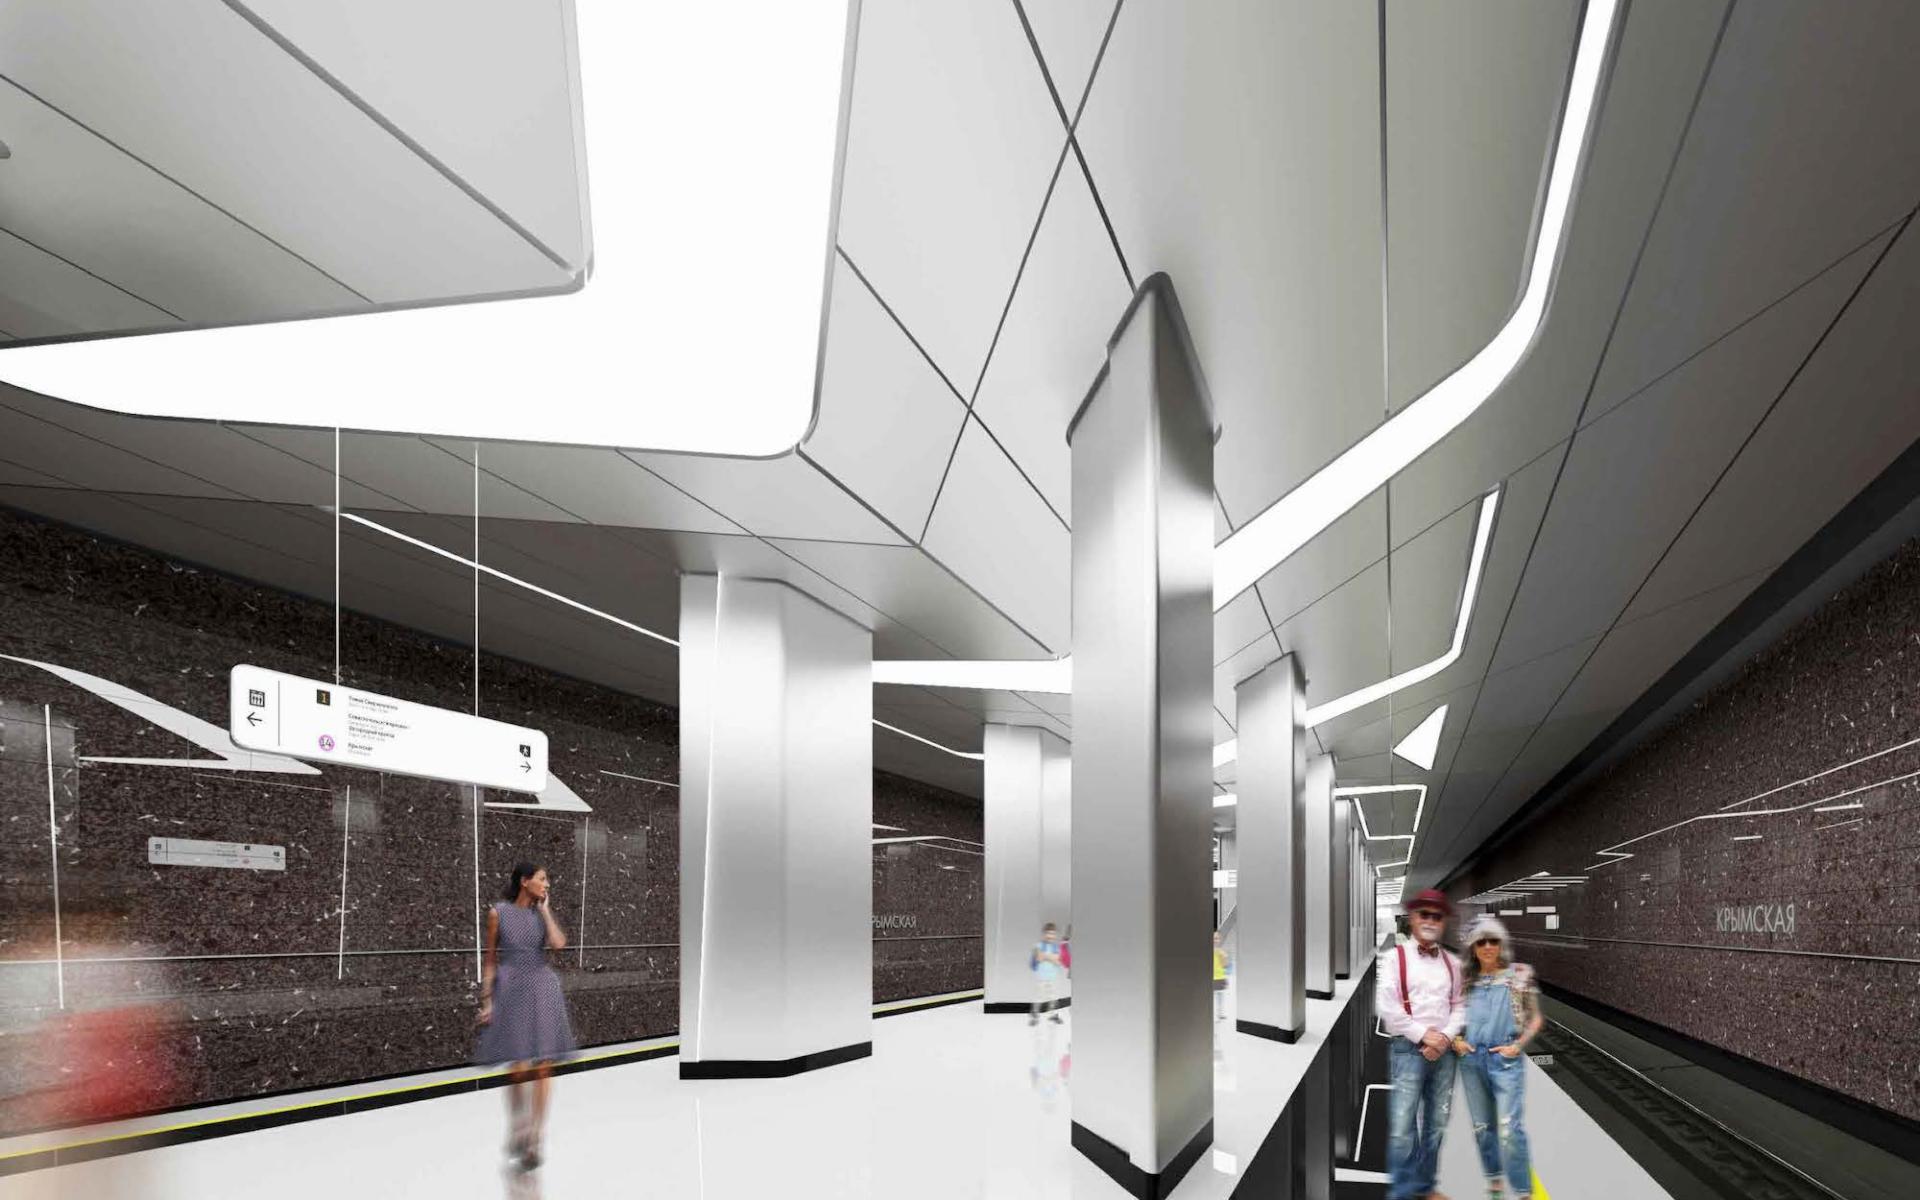 В оформлении станции «Крымская» преобладают стальные цвета